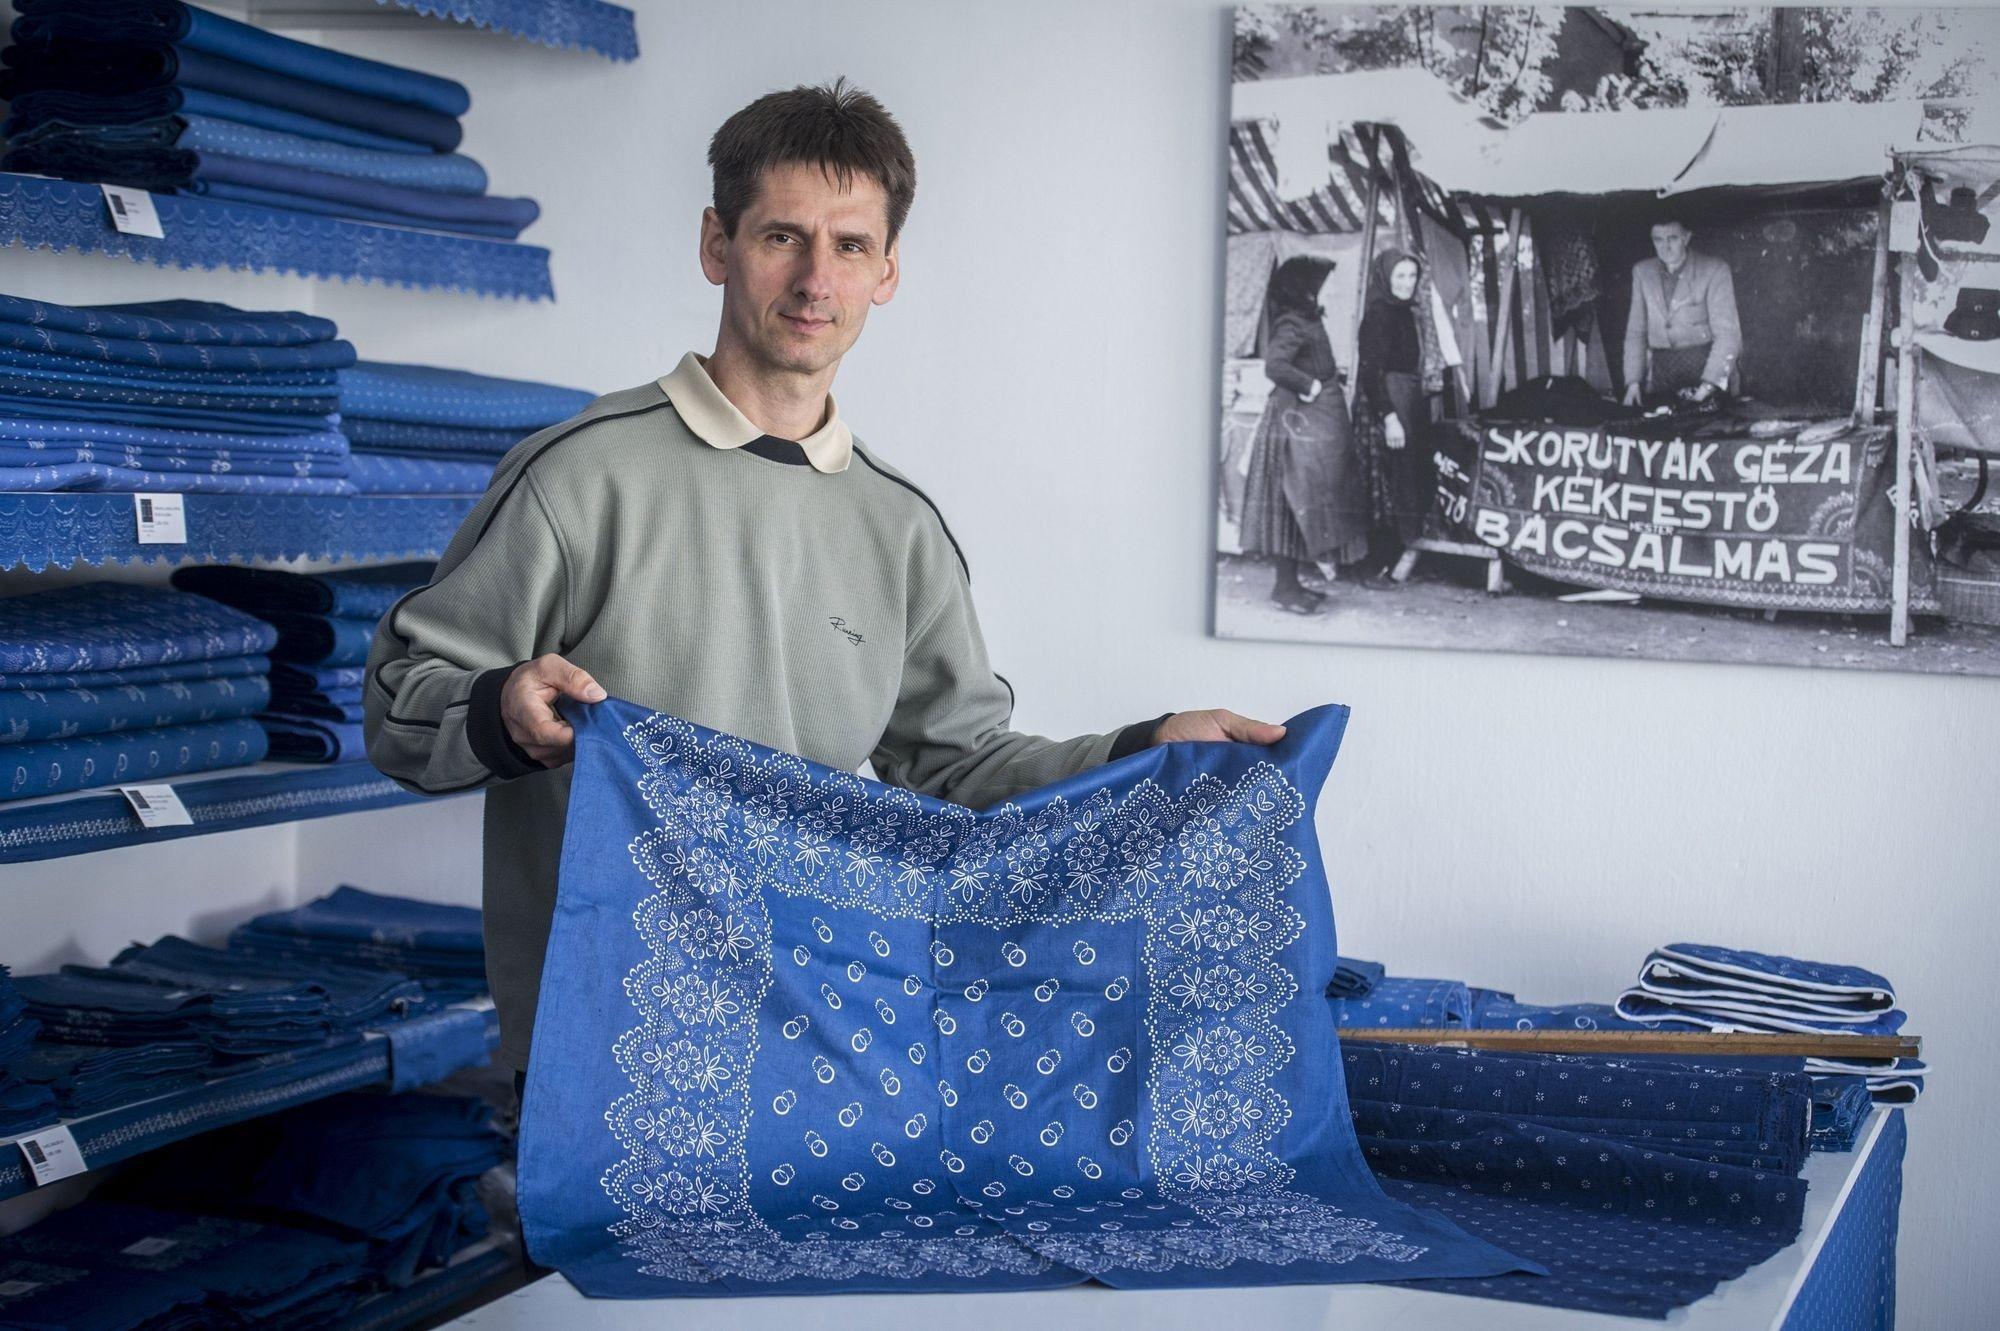 Felkerült a kékfestés az UNESCO szellemi kulturális örökség listájára